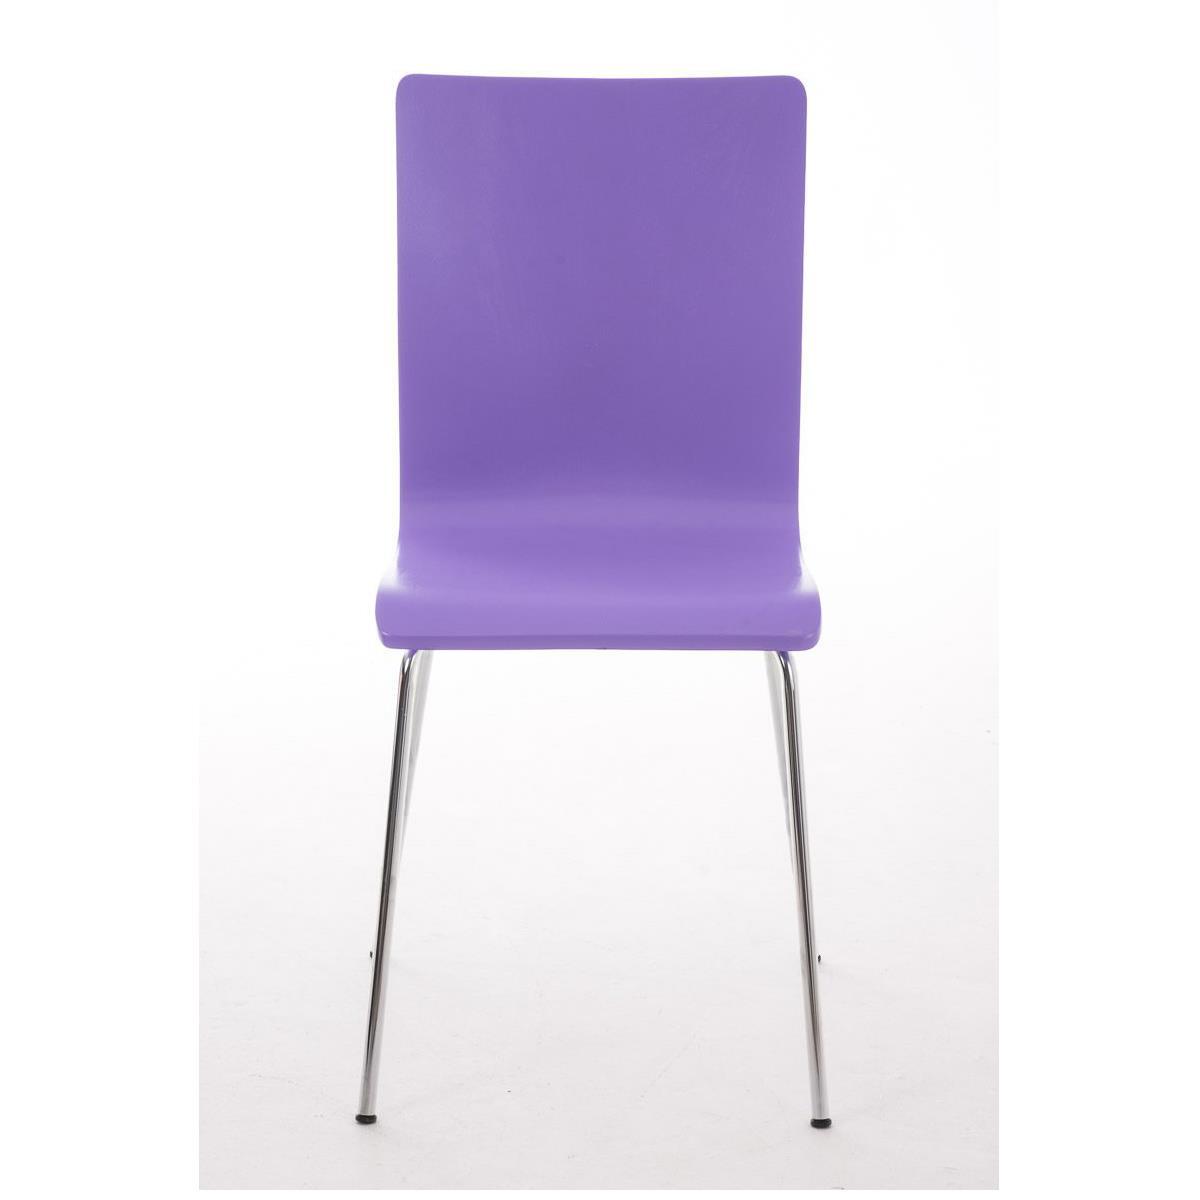 Silla de cocina o comedor lodi en color lila silla de for Sillas comedor patas metalicas